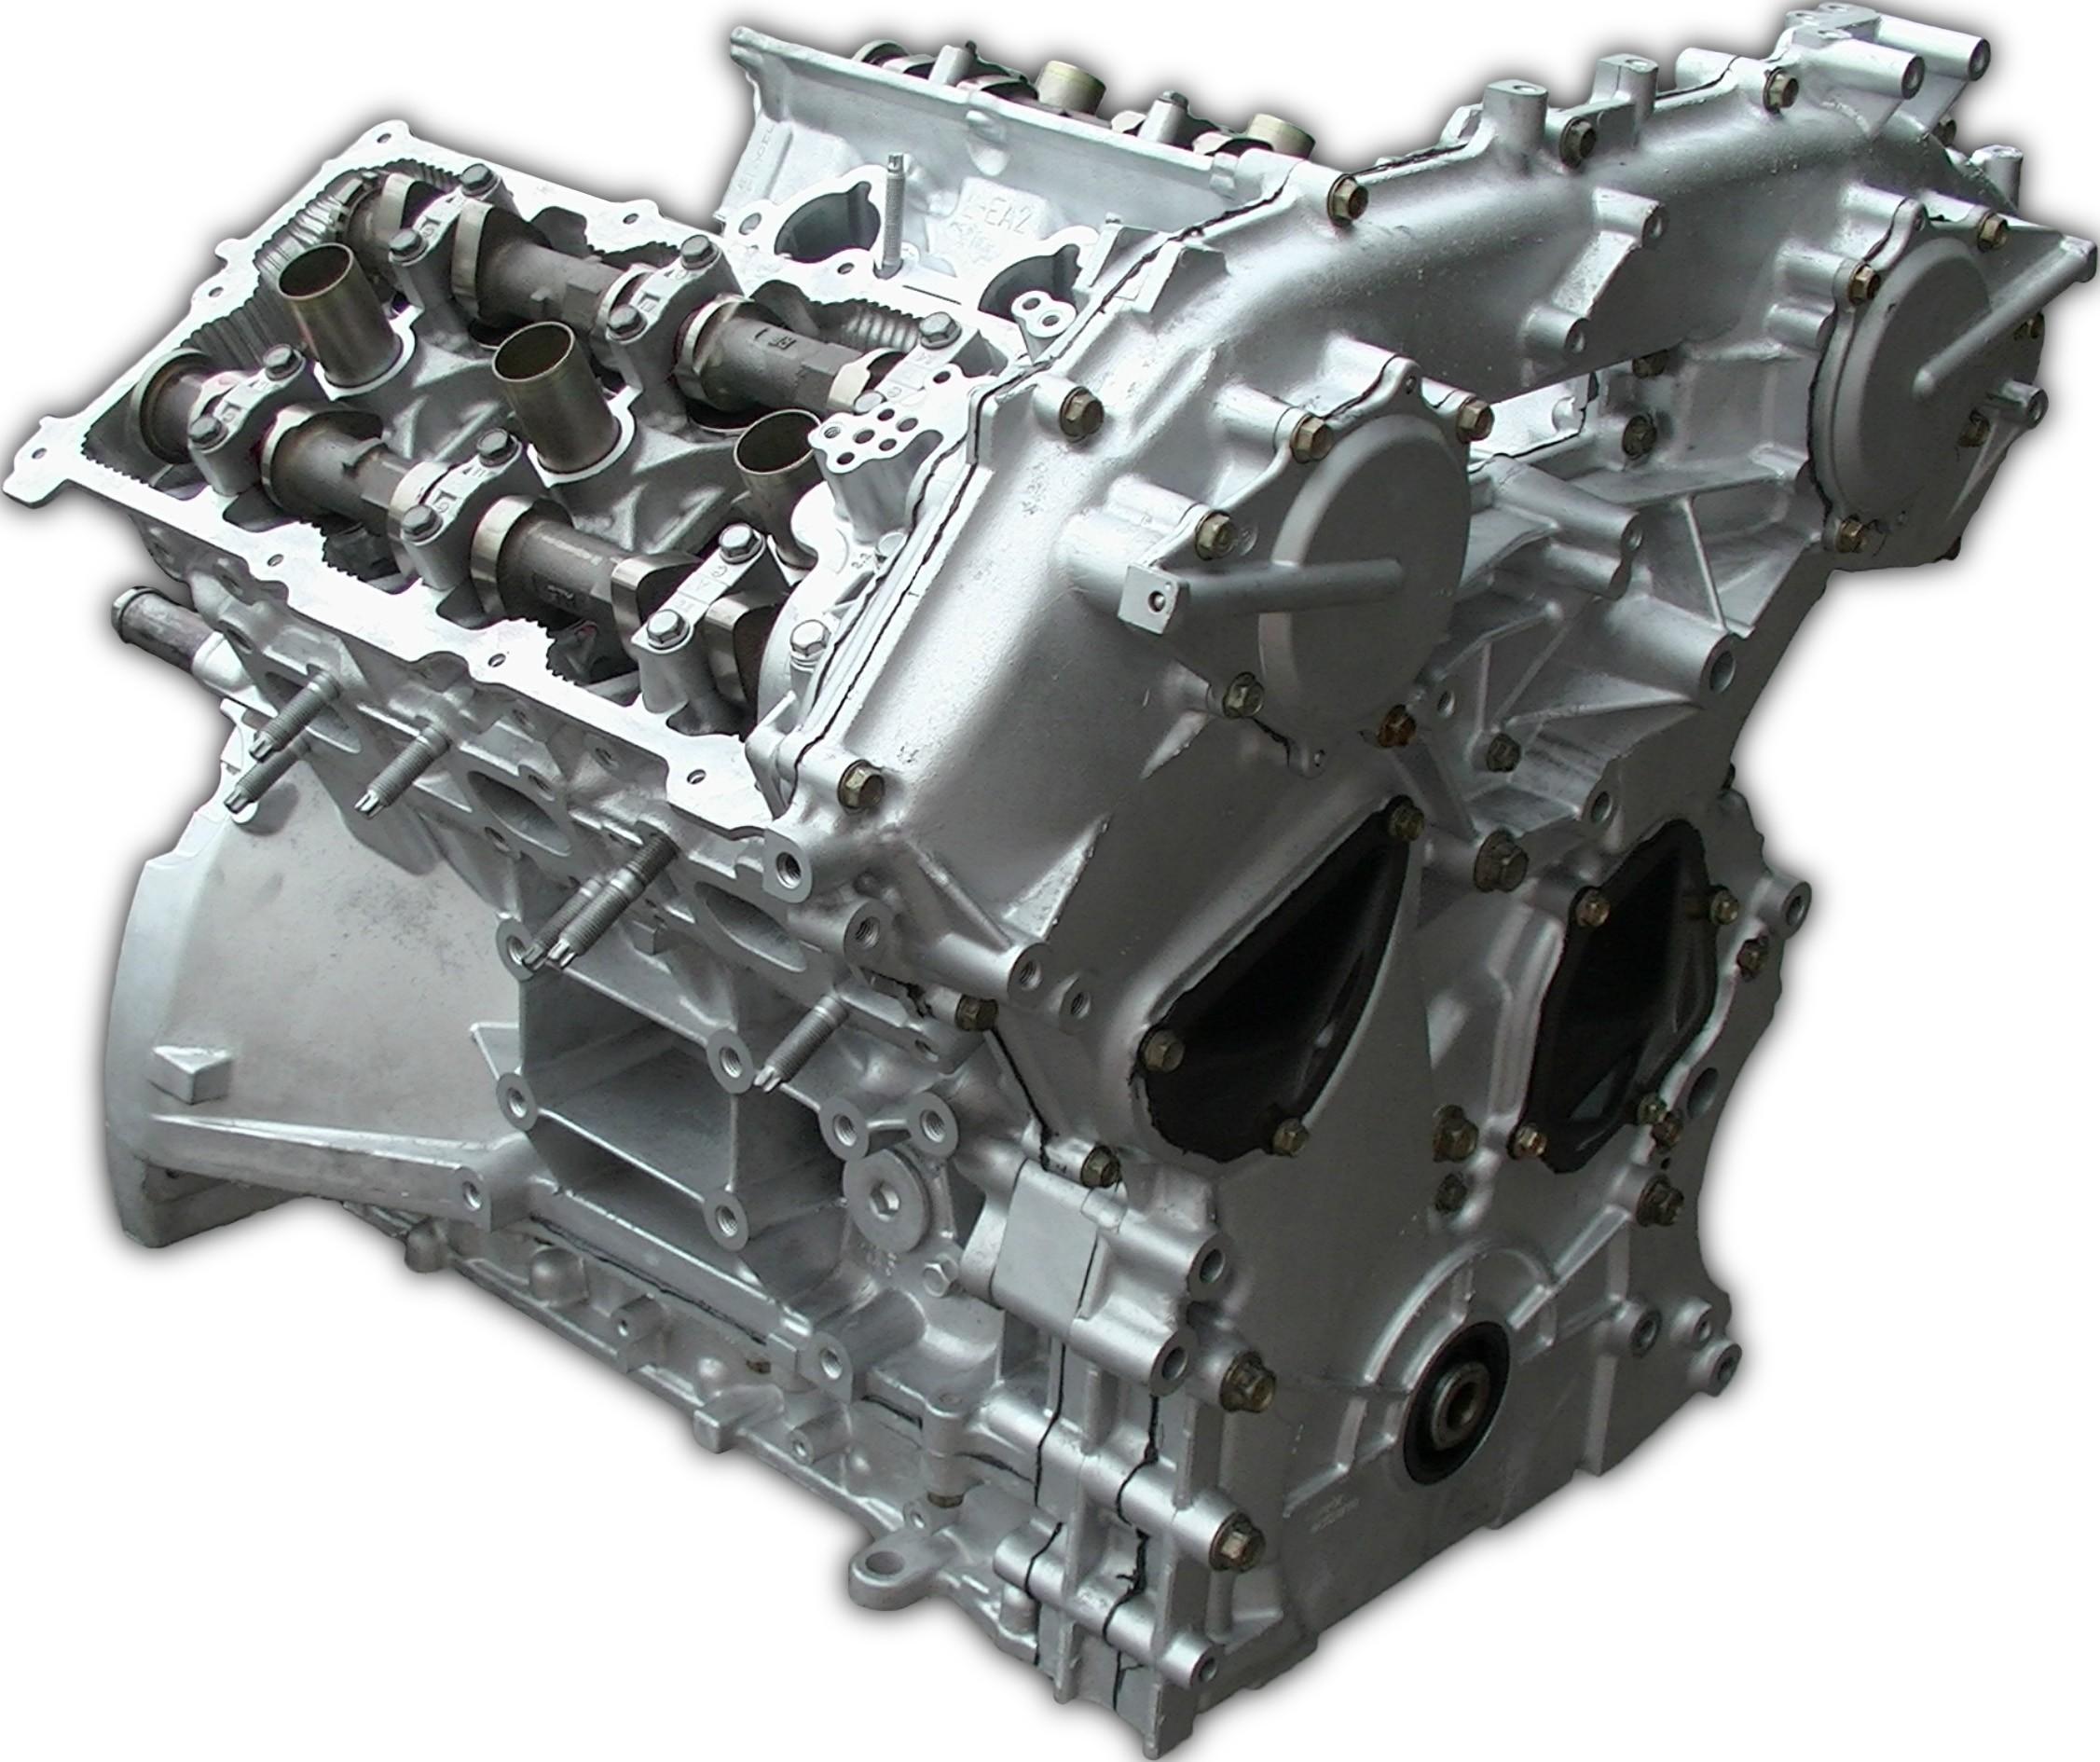 2003 nissan pathfinder engine diagram trailer brake controller wiring rebuilt 05 08 frontier 4 0l v6 vq40de  kar